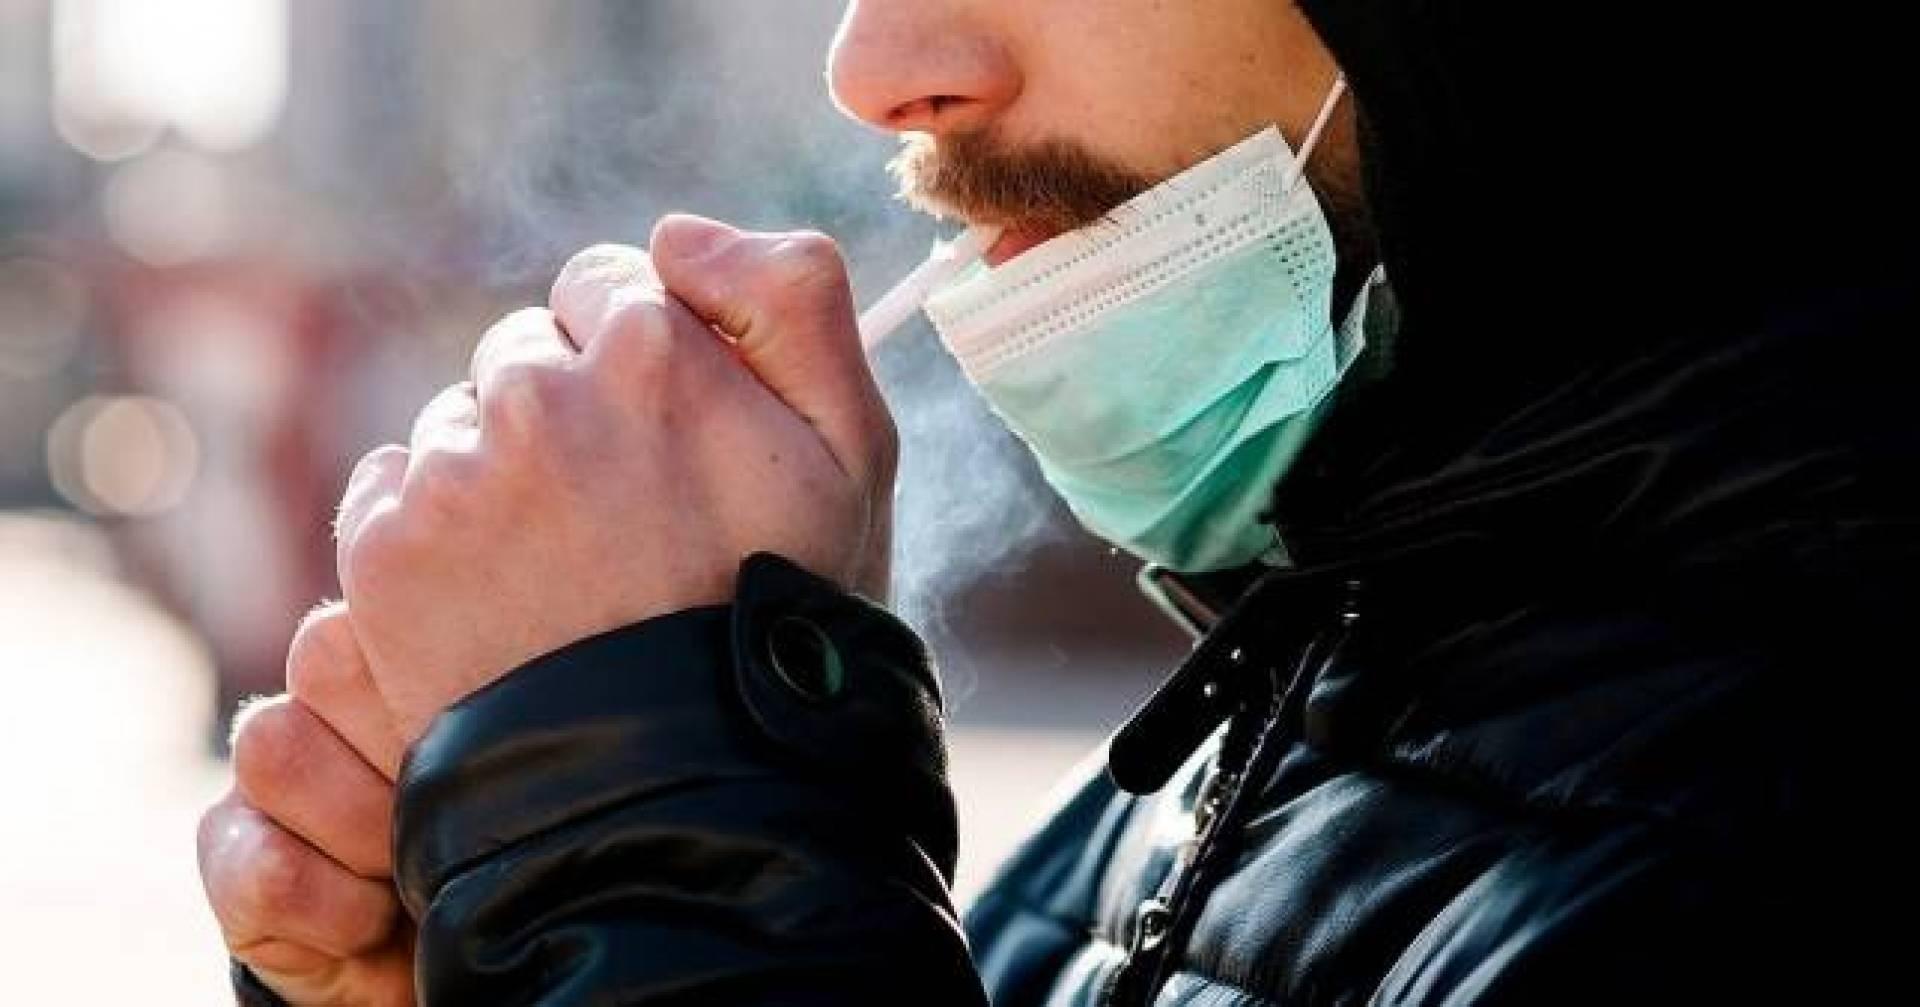 اسبانيا.. منع التدخين في الشارع العام لمنع تفشي فيروس كورونا